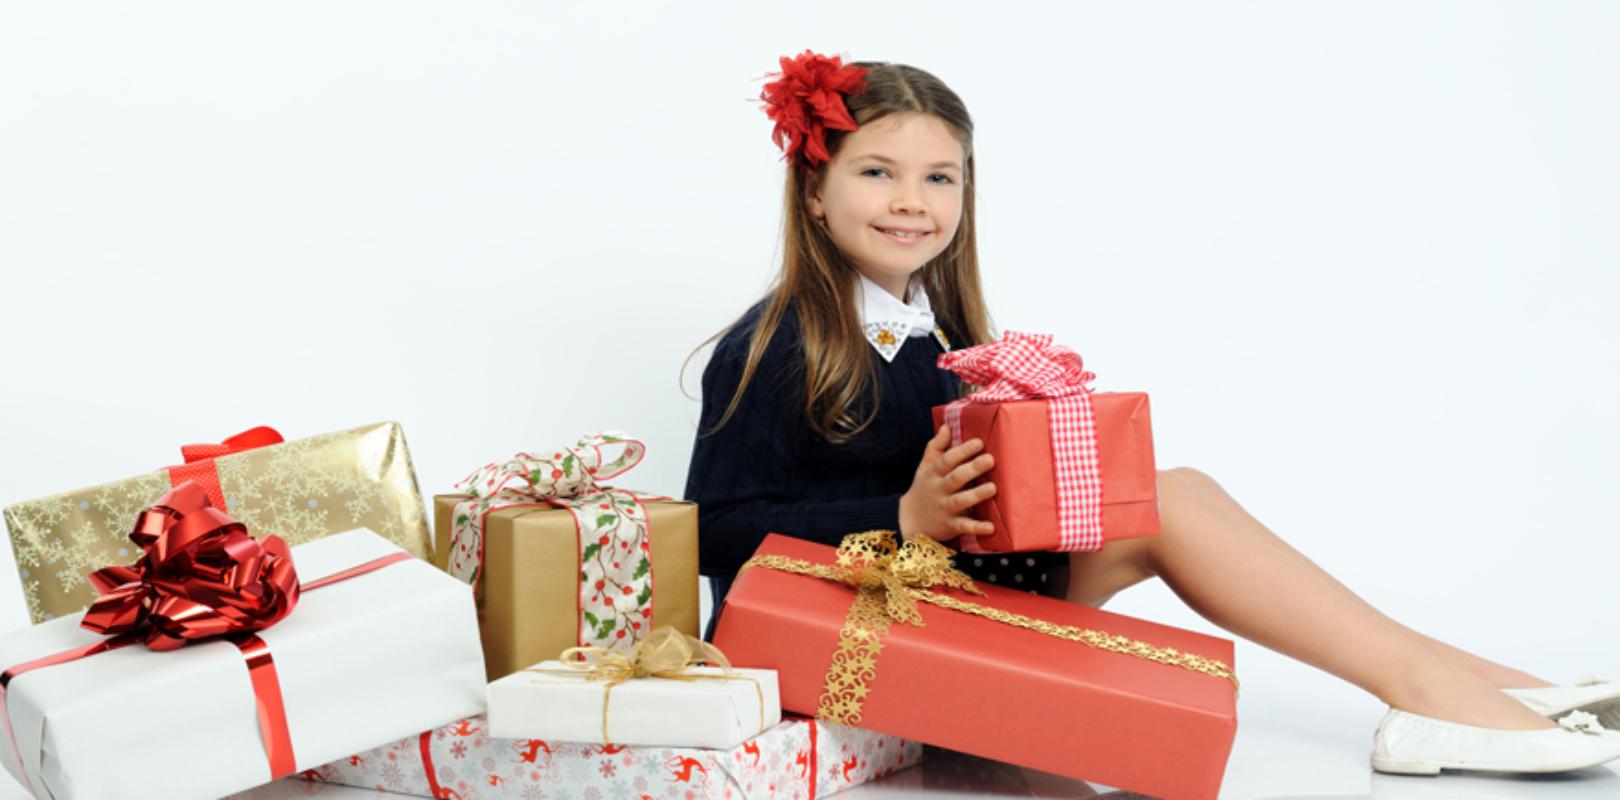 Geschenke für Kinder 6-9 Jahre › papa.de